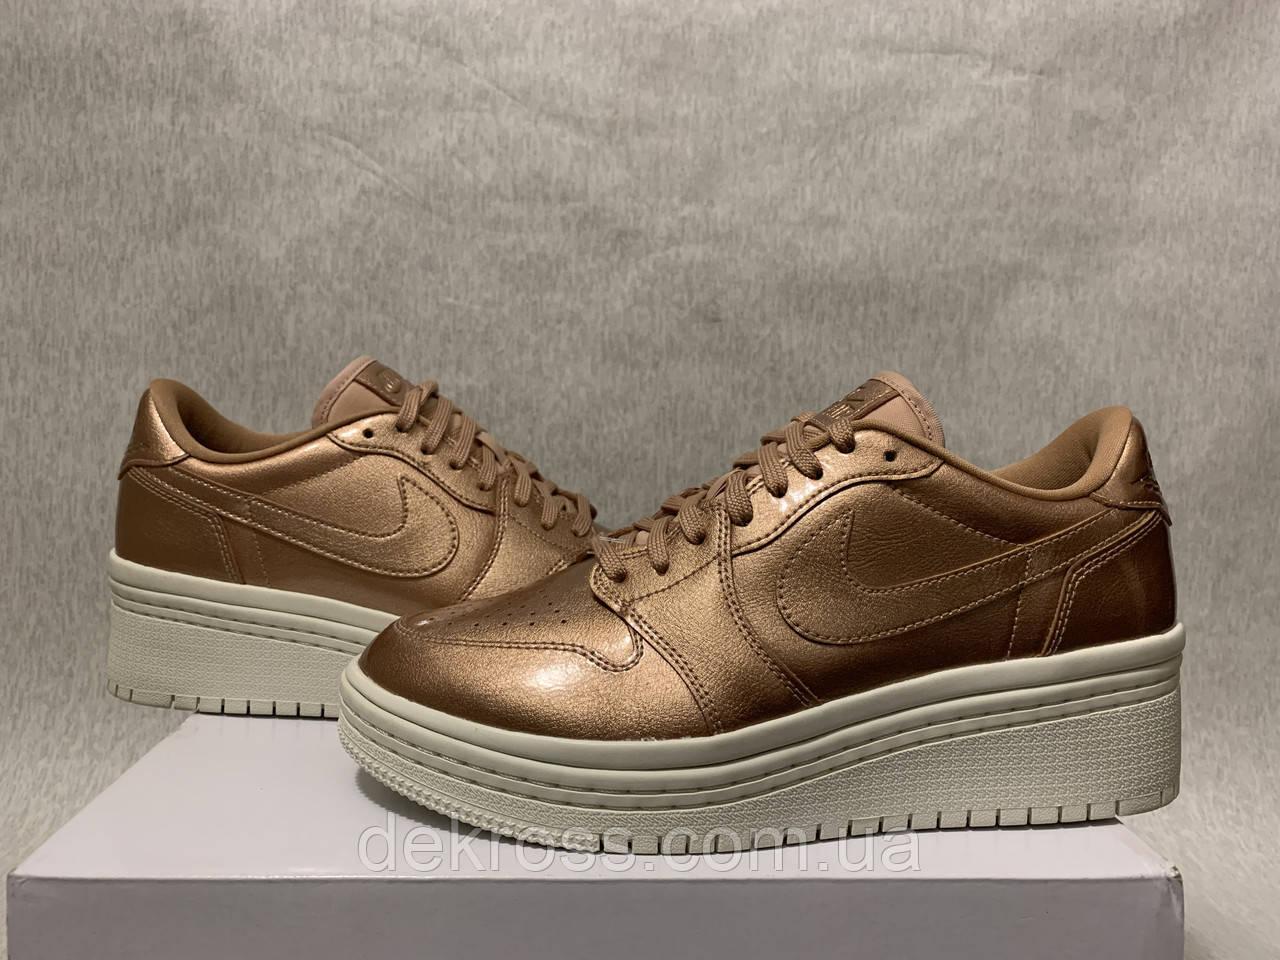 Кросівки Nike Air Jordan 1 Retro Low NS (40.5) Оригінал AO1334-901